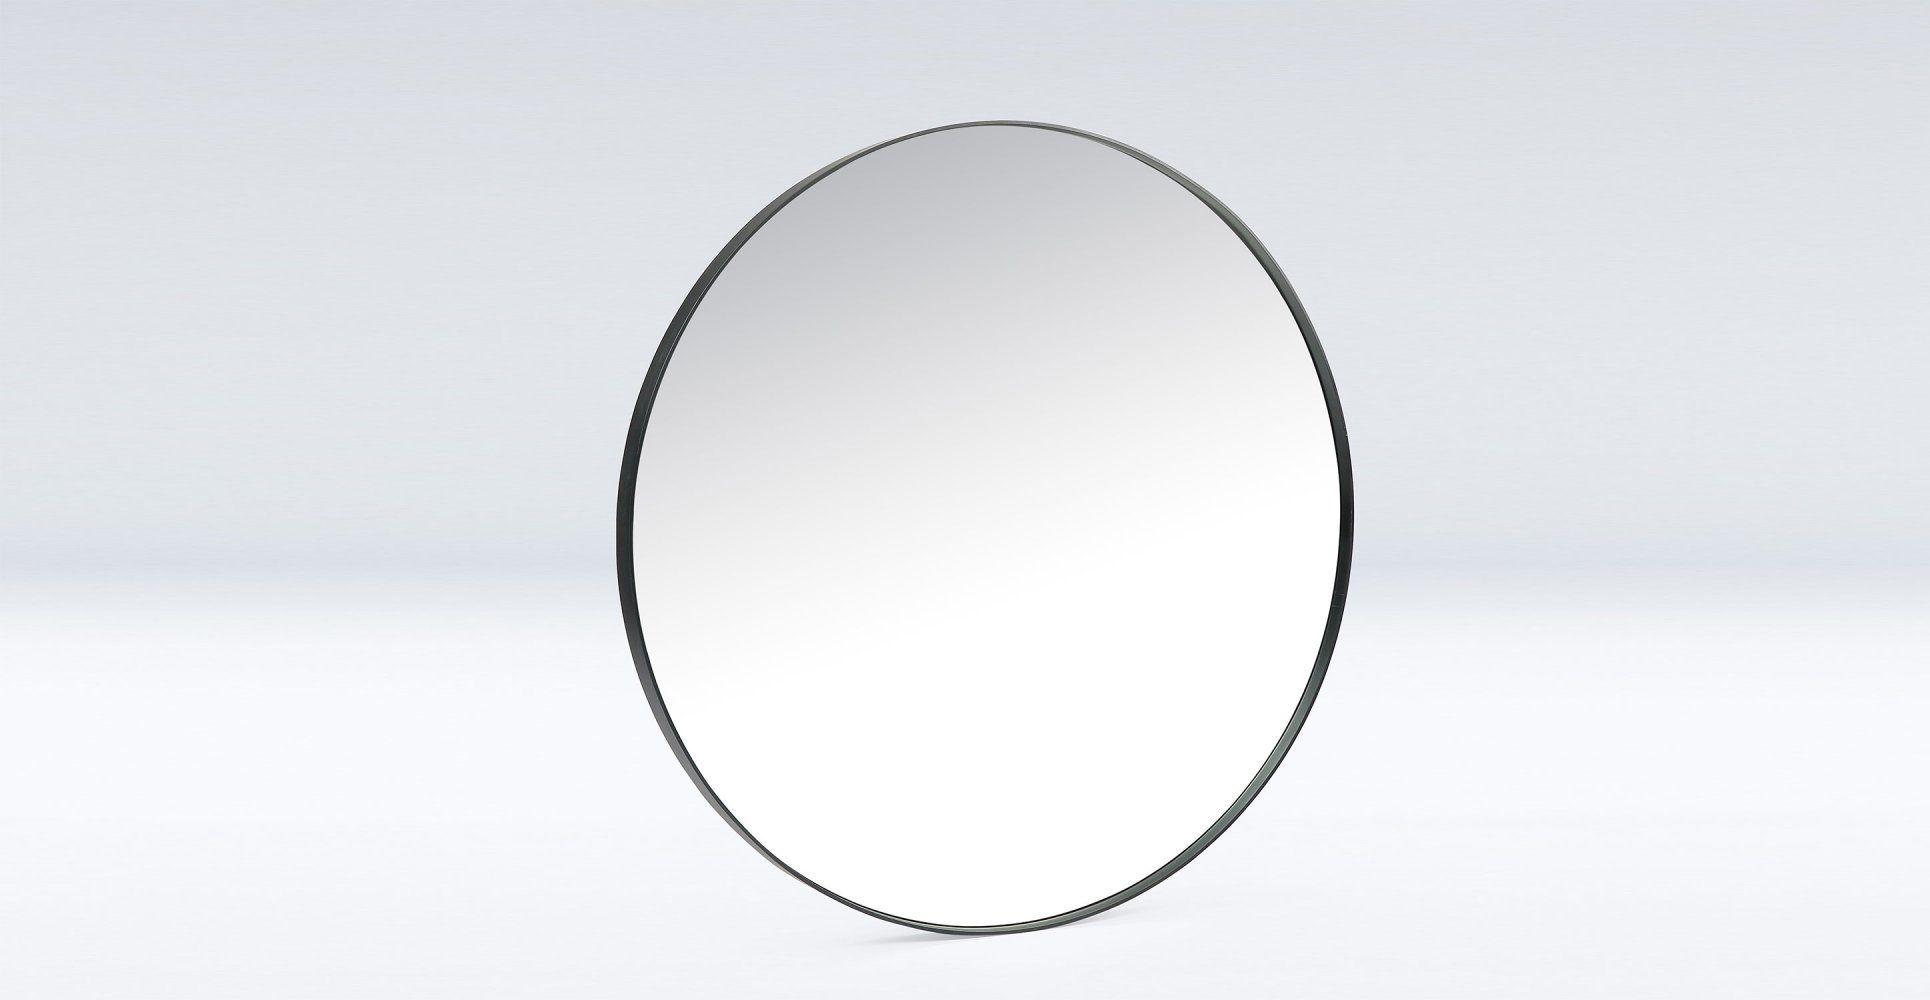 Grand miroir mural rond en m tal noir diam tre 100cm miroir pinterest miroir miroir rond for Immense miroir